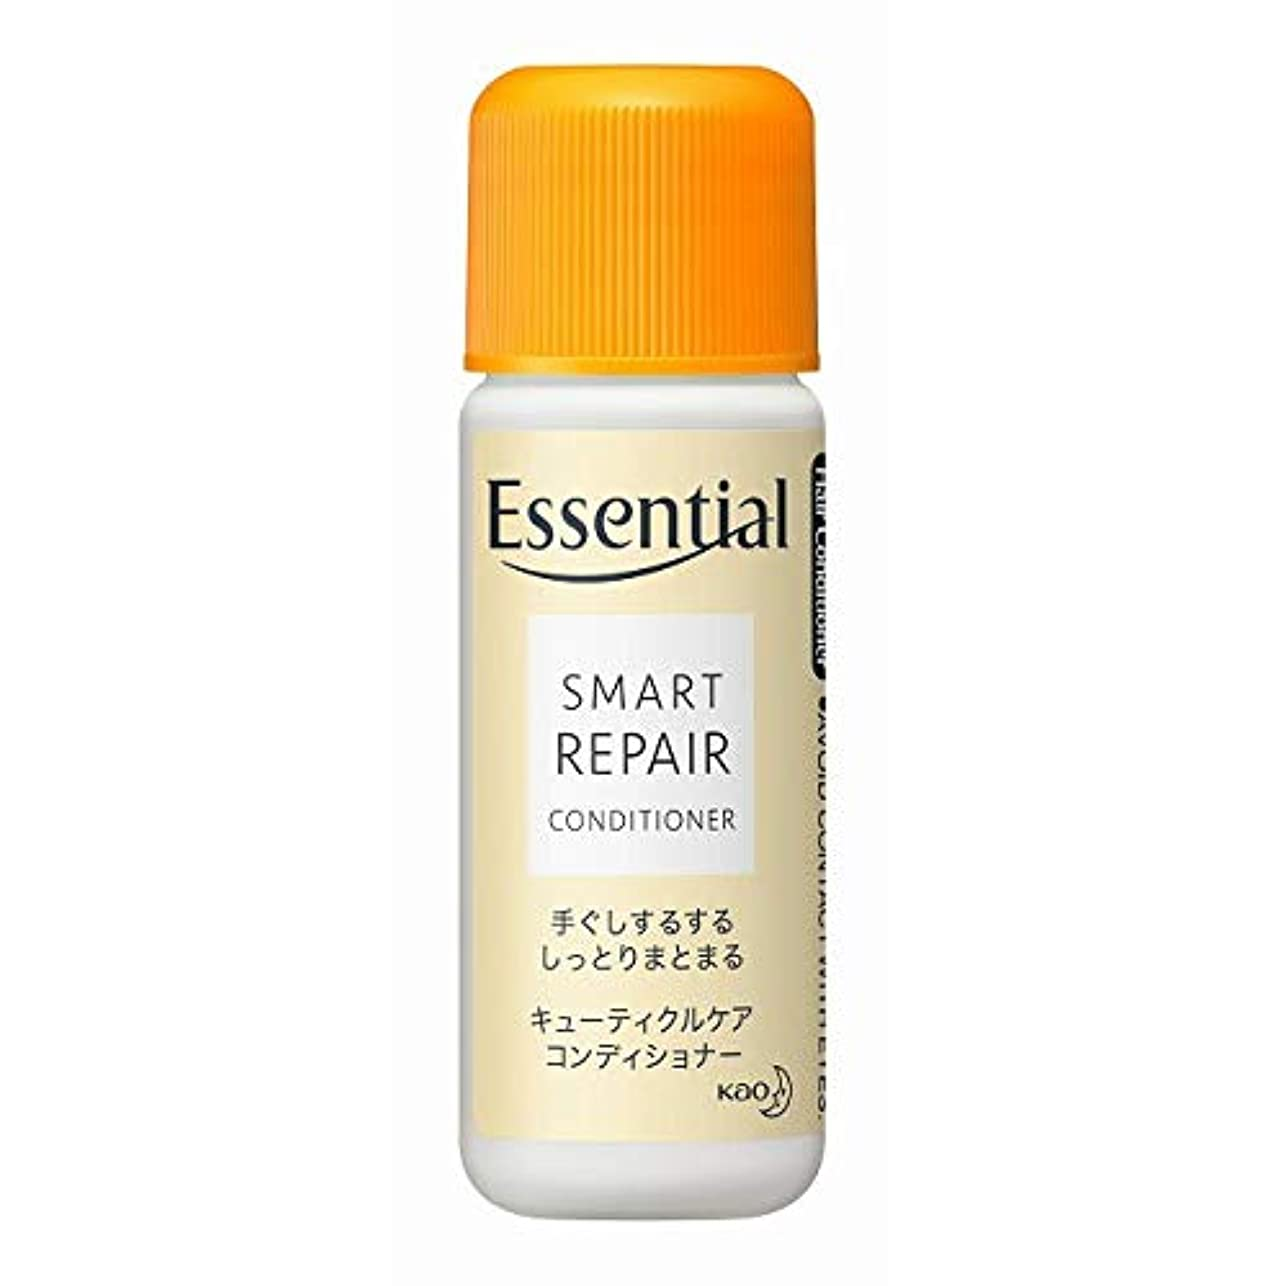 付与なだめるアジテーション花王 エッセンシャル(Essential) しっとりツヤ髪 コンディショナー 業務用 ミニボトル 16mL×360個